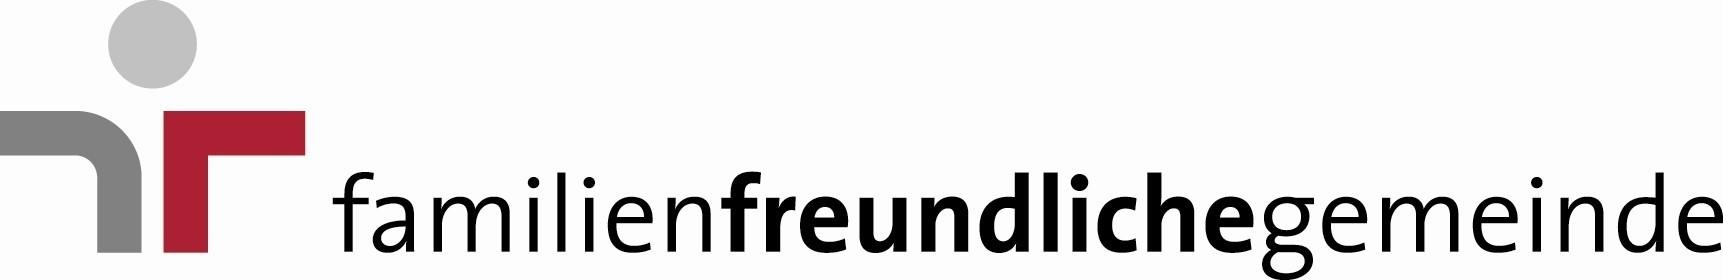 logo_familienfreundlichegemeinde.jpg